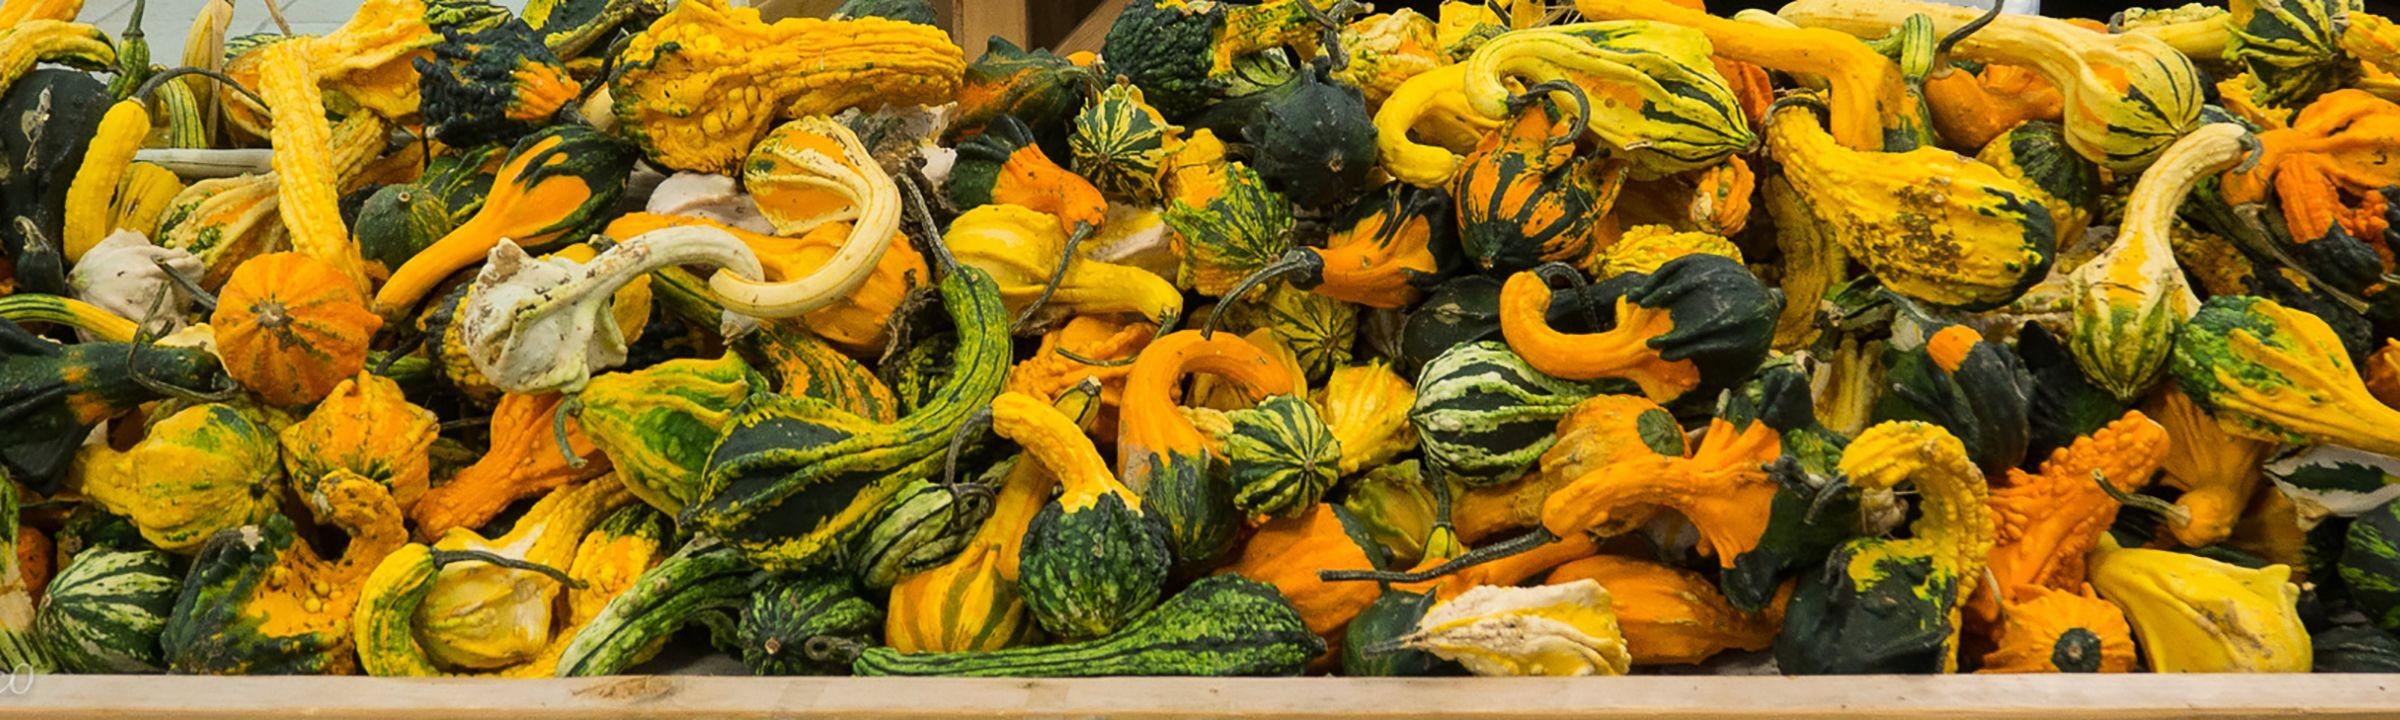 gourds-wide